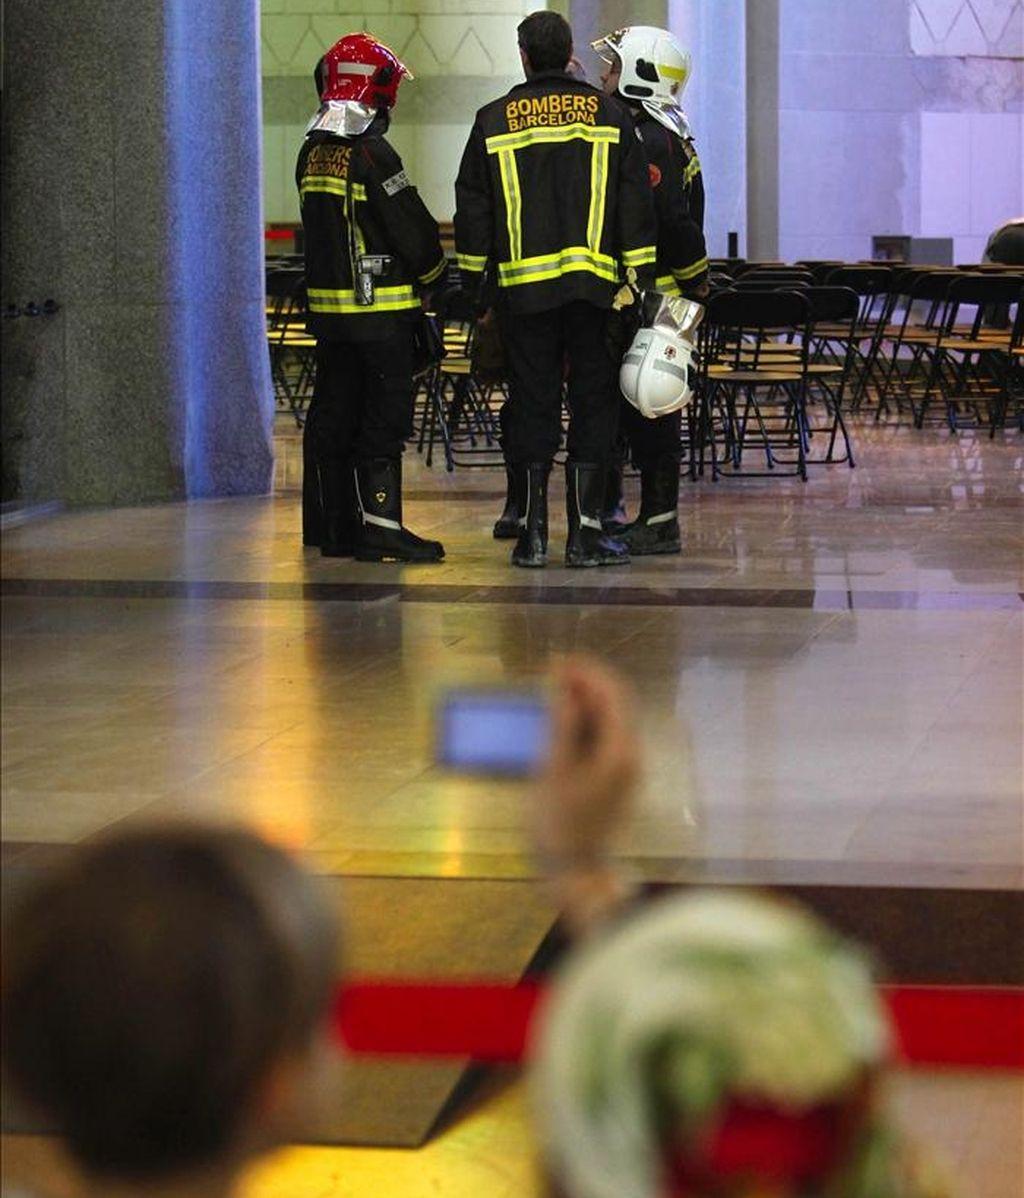 Miembros de los bomberos han realizado esta mañana tareas de inspección en la Sagrada Familia, el monumento más visitado de Cataluña, que tras el susto que se produjo ayer al incendiarse la sacristía, que obligó por la mañana a desalojar a unas 1.500 personas que había en su interior, hoy ha recuperado el pulso y se ha llenado de nuevo de turistas. EFE